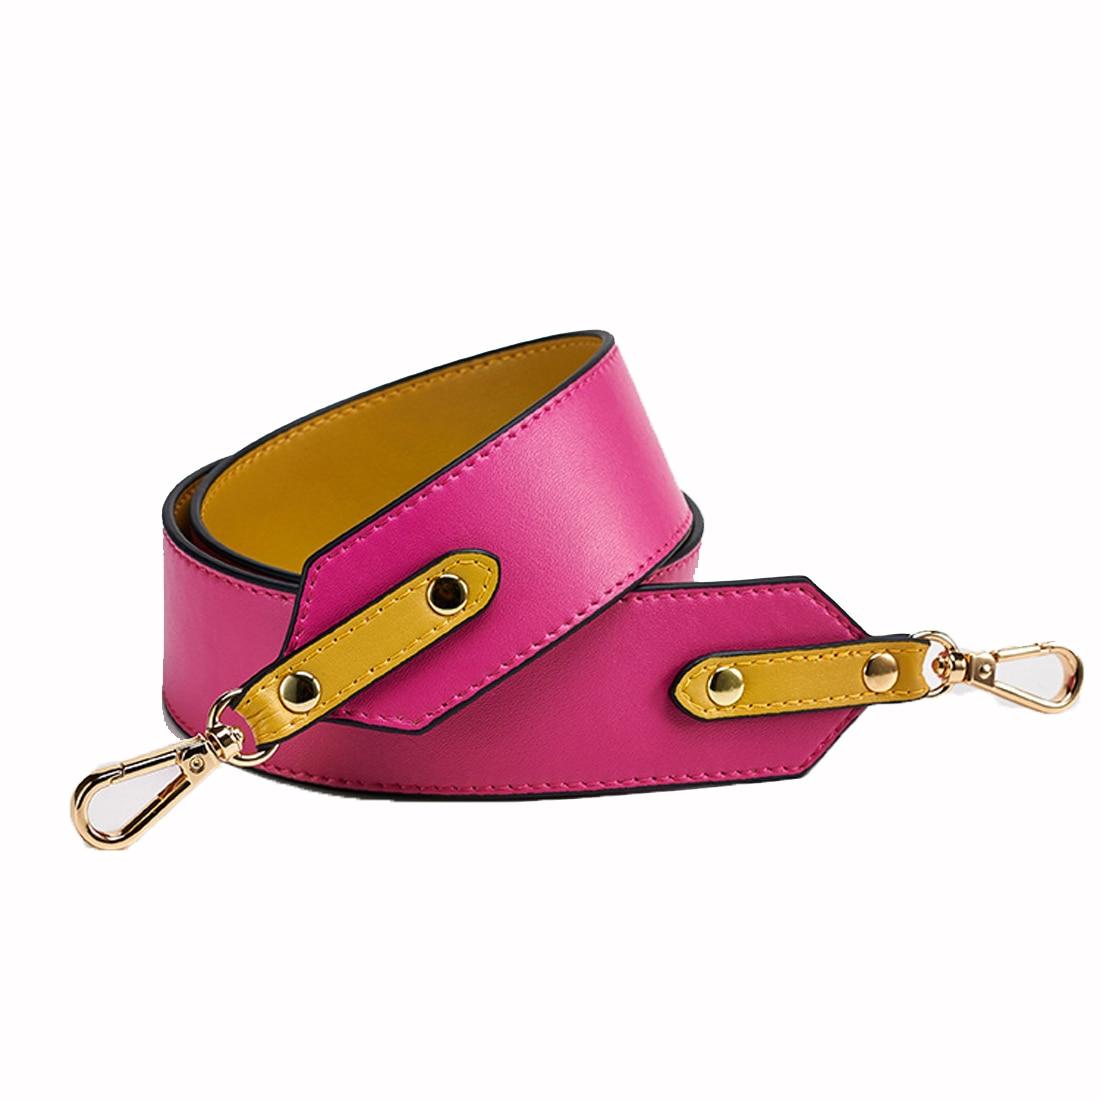 SFG HOUSE Genuine Leather Women Bag Strap Elegant Lenthened Shoulder Bag Handle Handbag Strap Wide Replacement Bags Straps